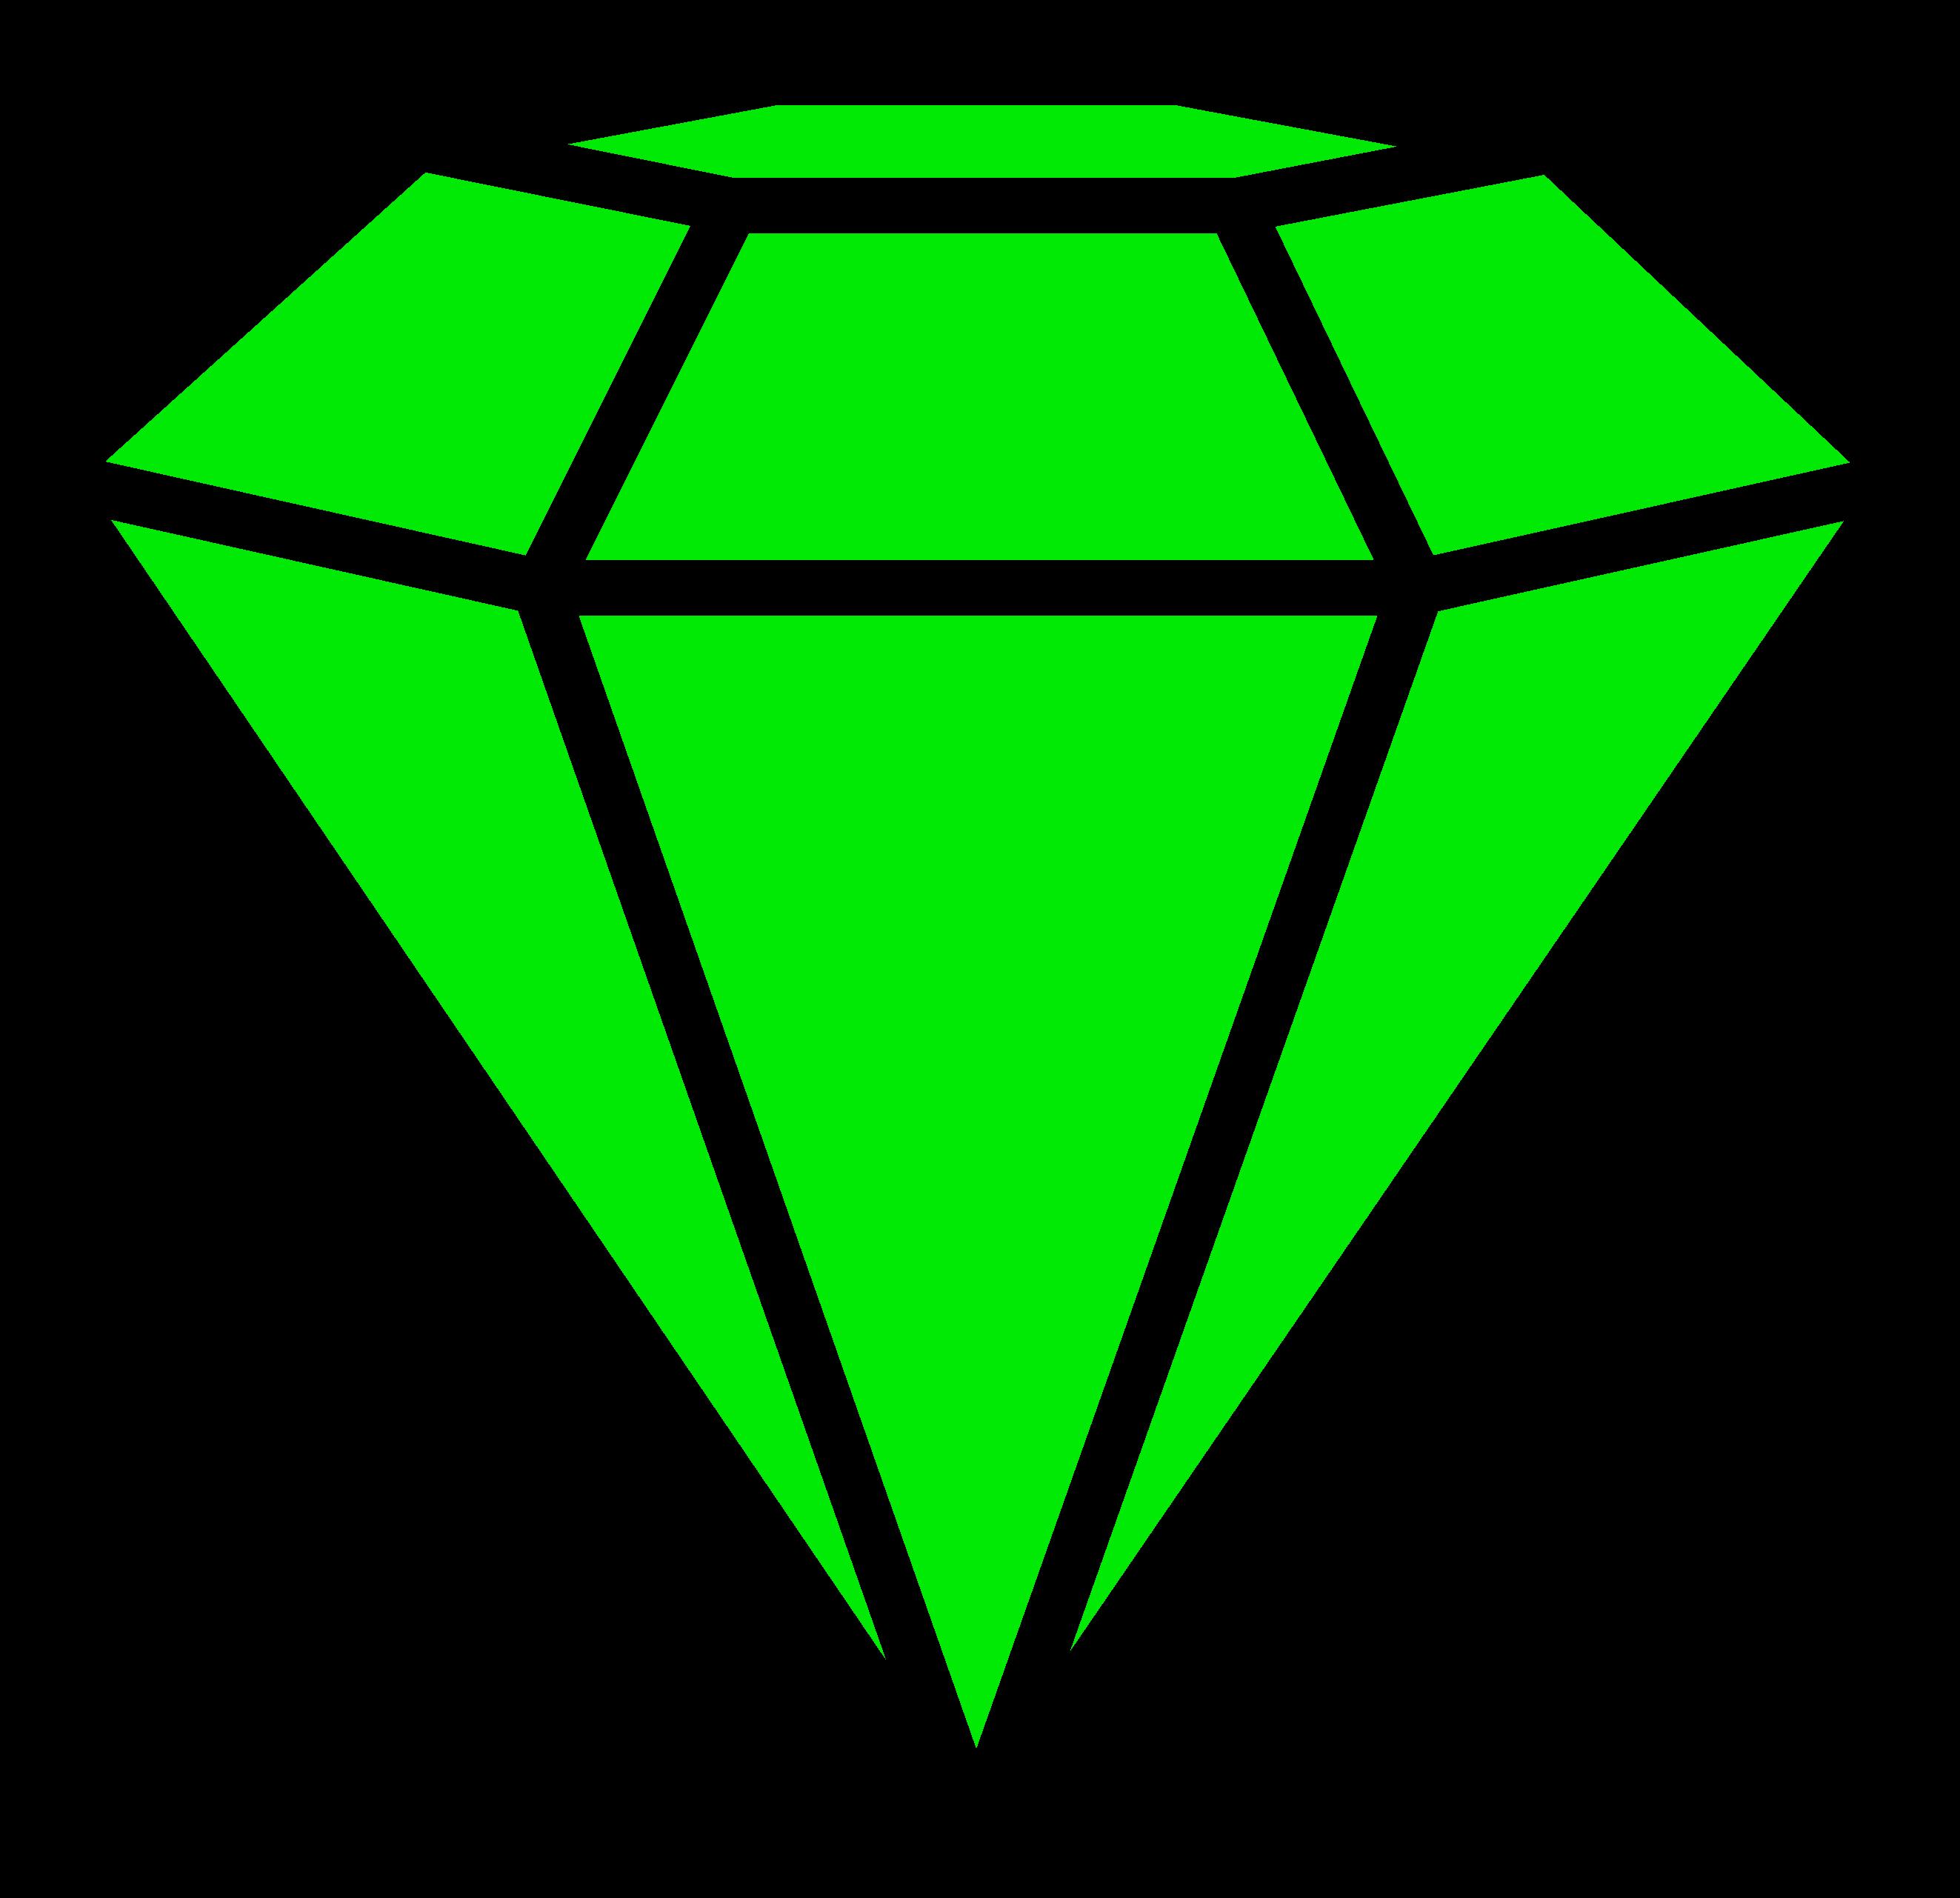 Emerald clipart Become Cliparts :: Zone Emerald